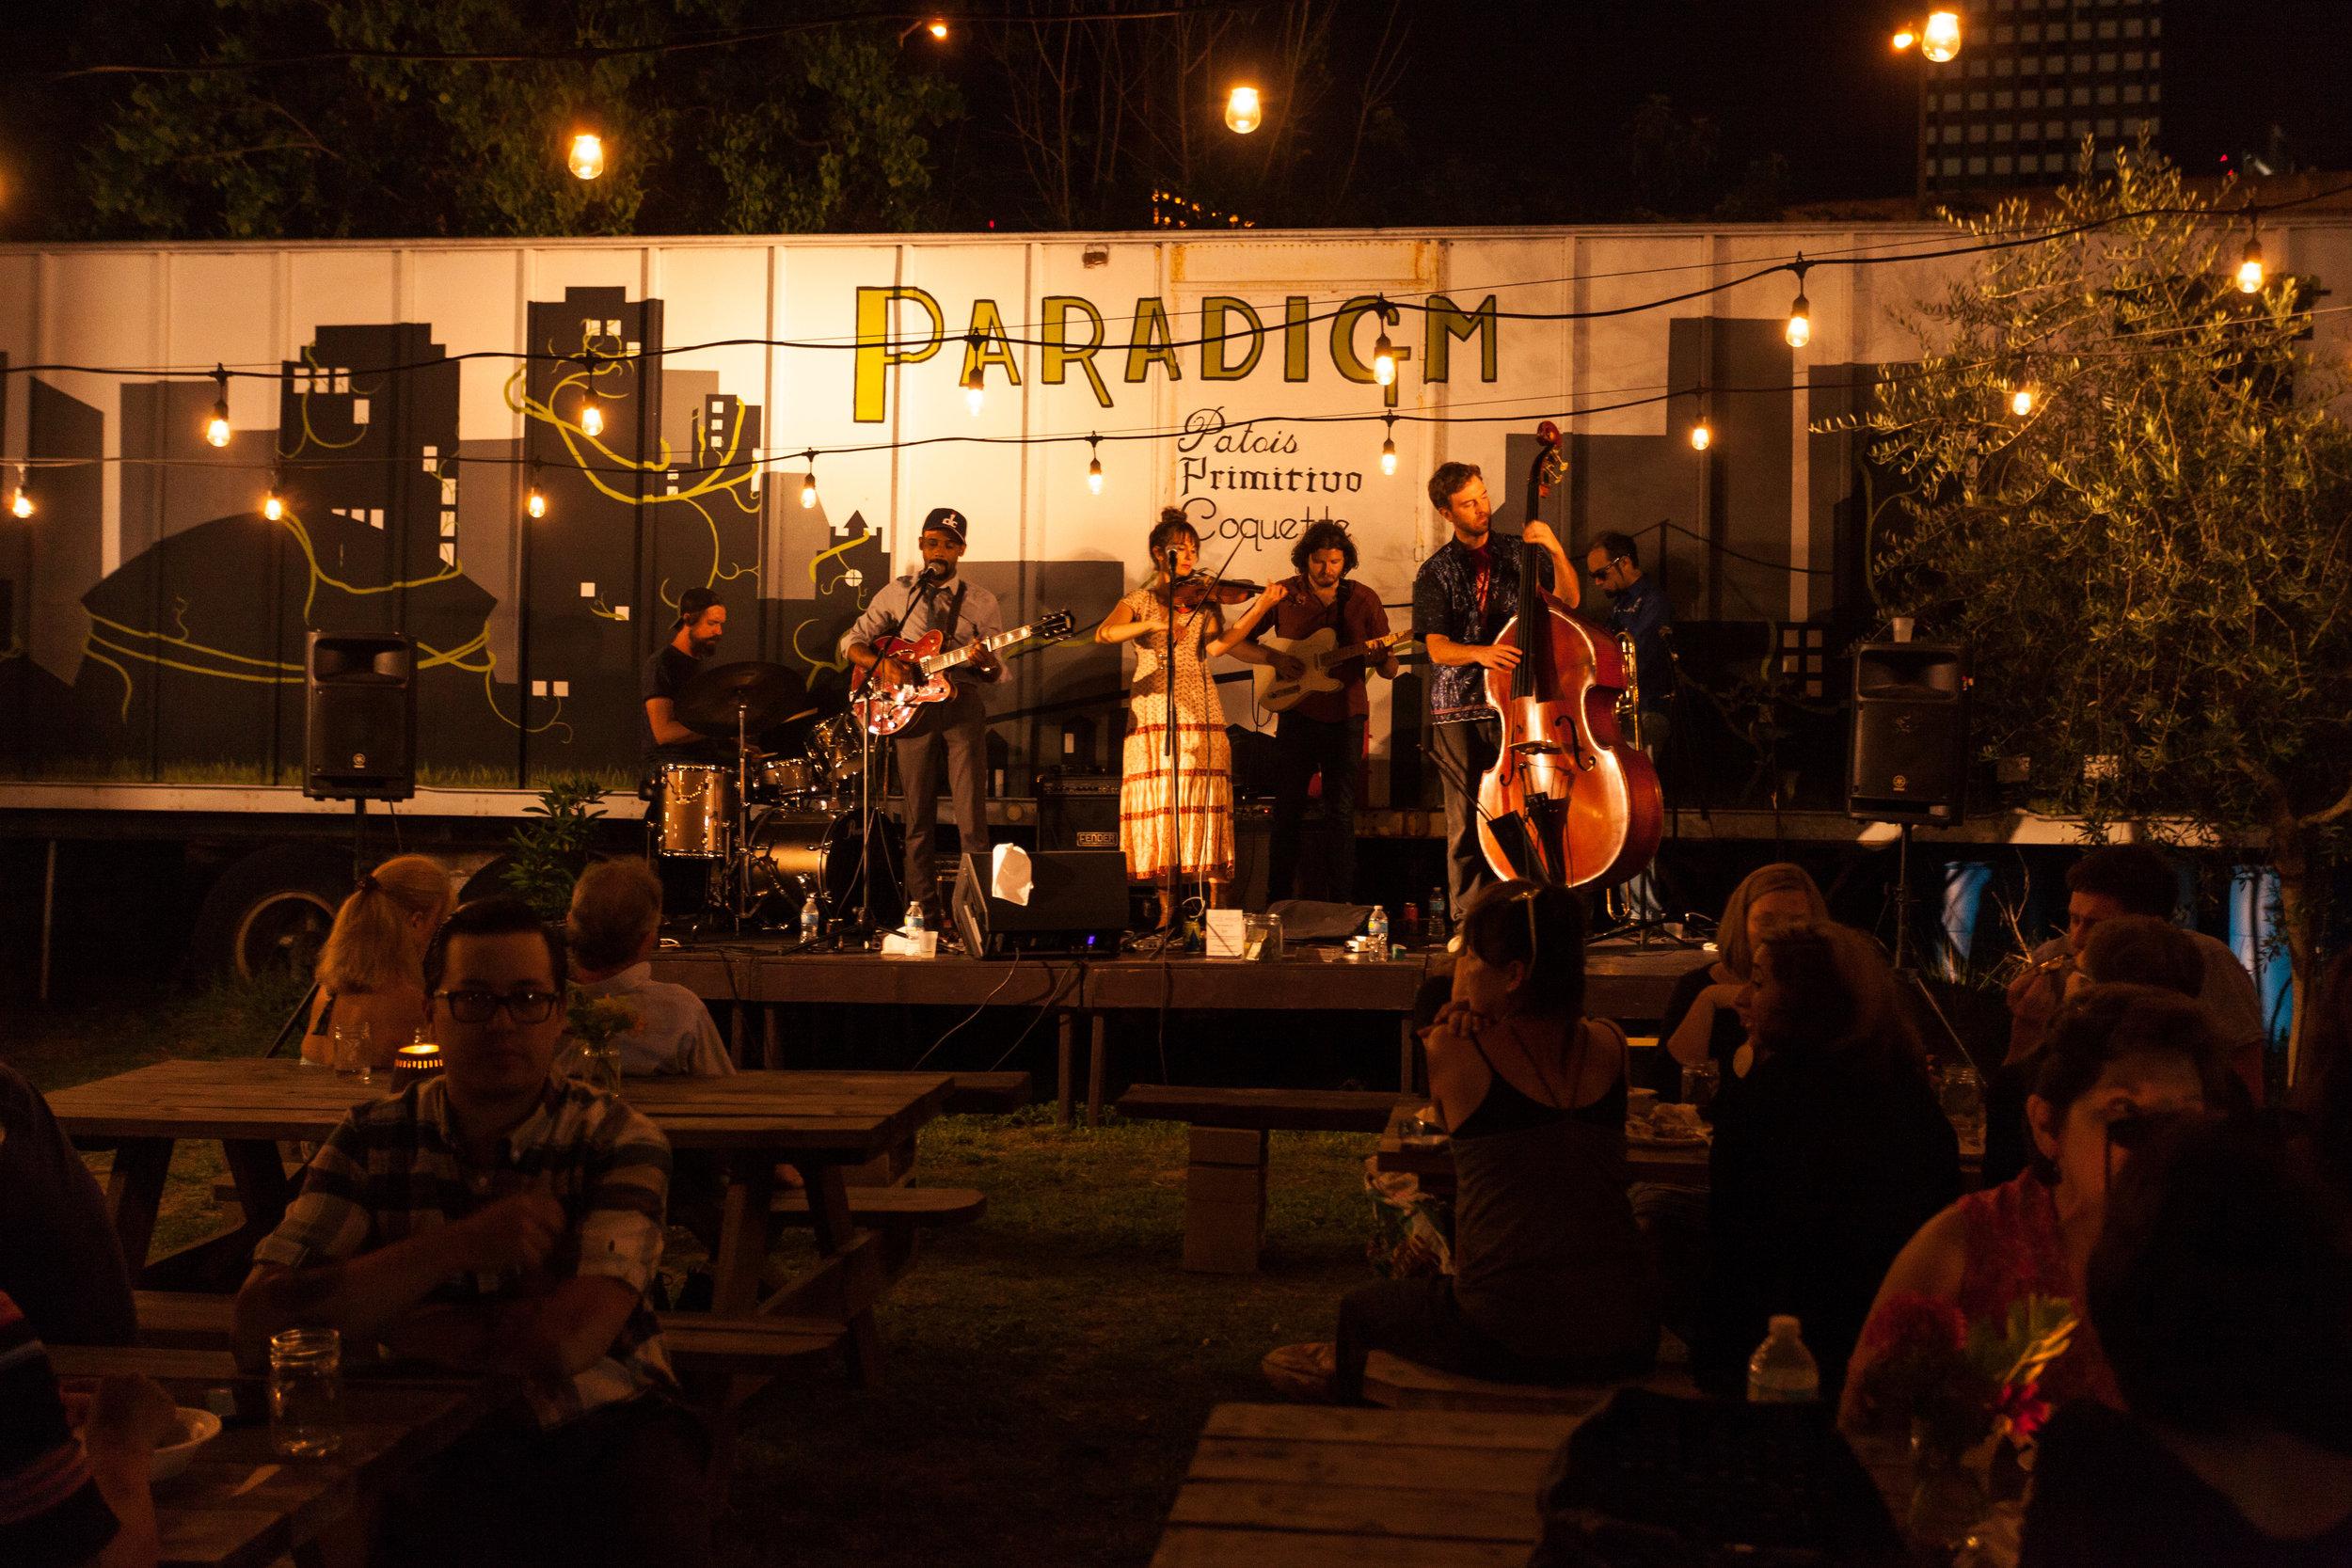 Concert Series — Paradigm Gardens